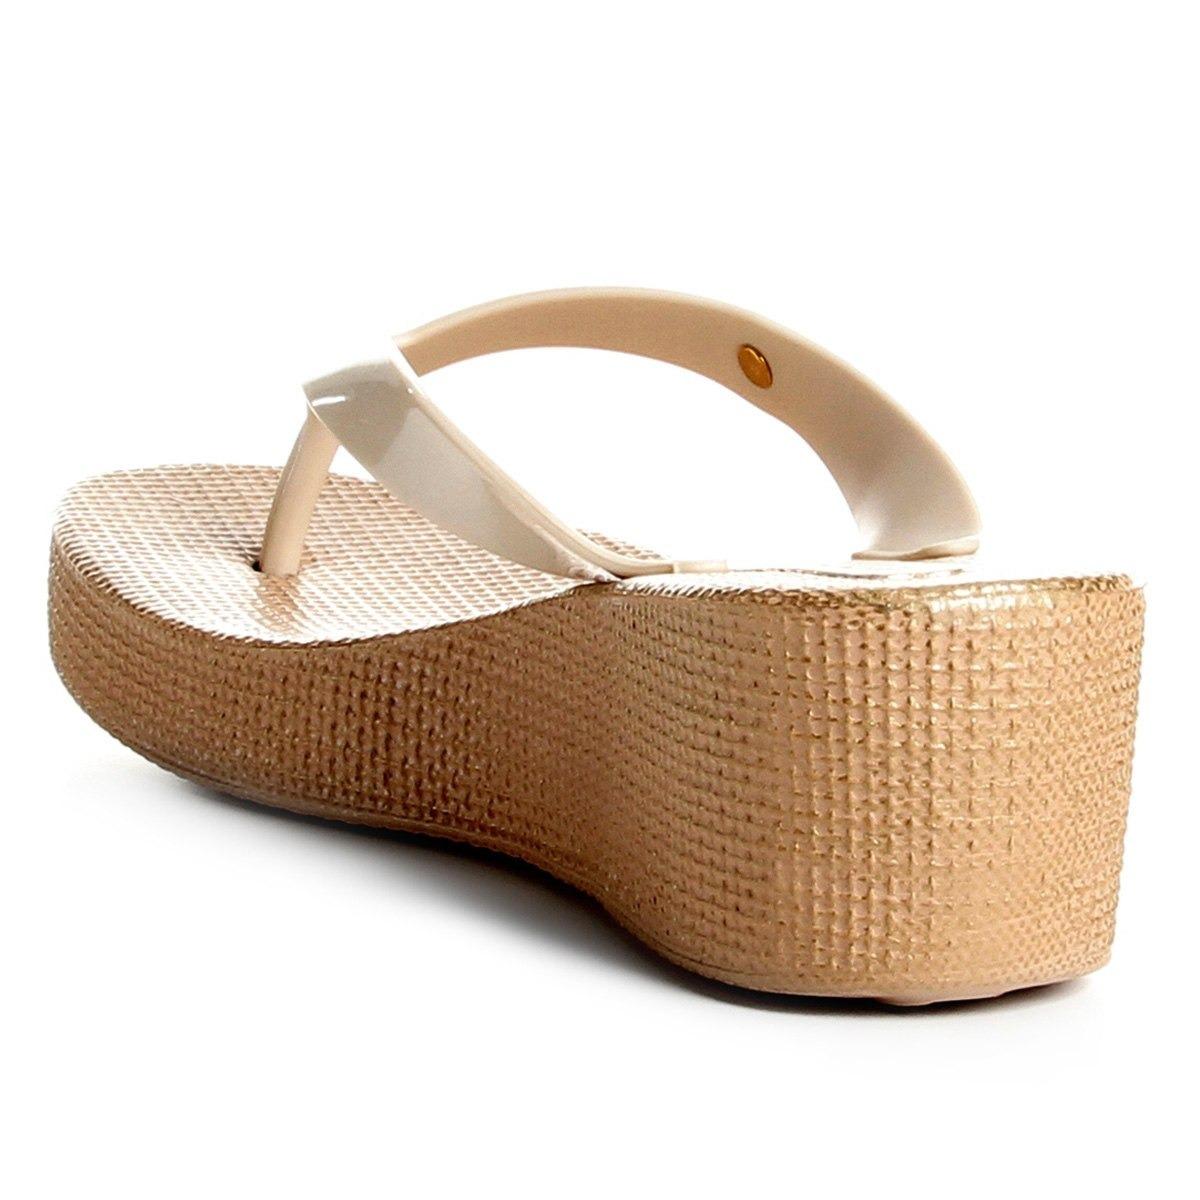 a7791c4676 calçado feminino azaleia tropical salto anabela 251 756. Carregando zoom... calçado  feminino azaleia anabela. Carregando zoom.